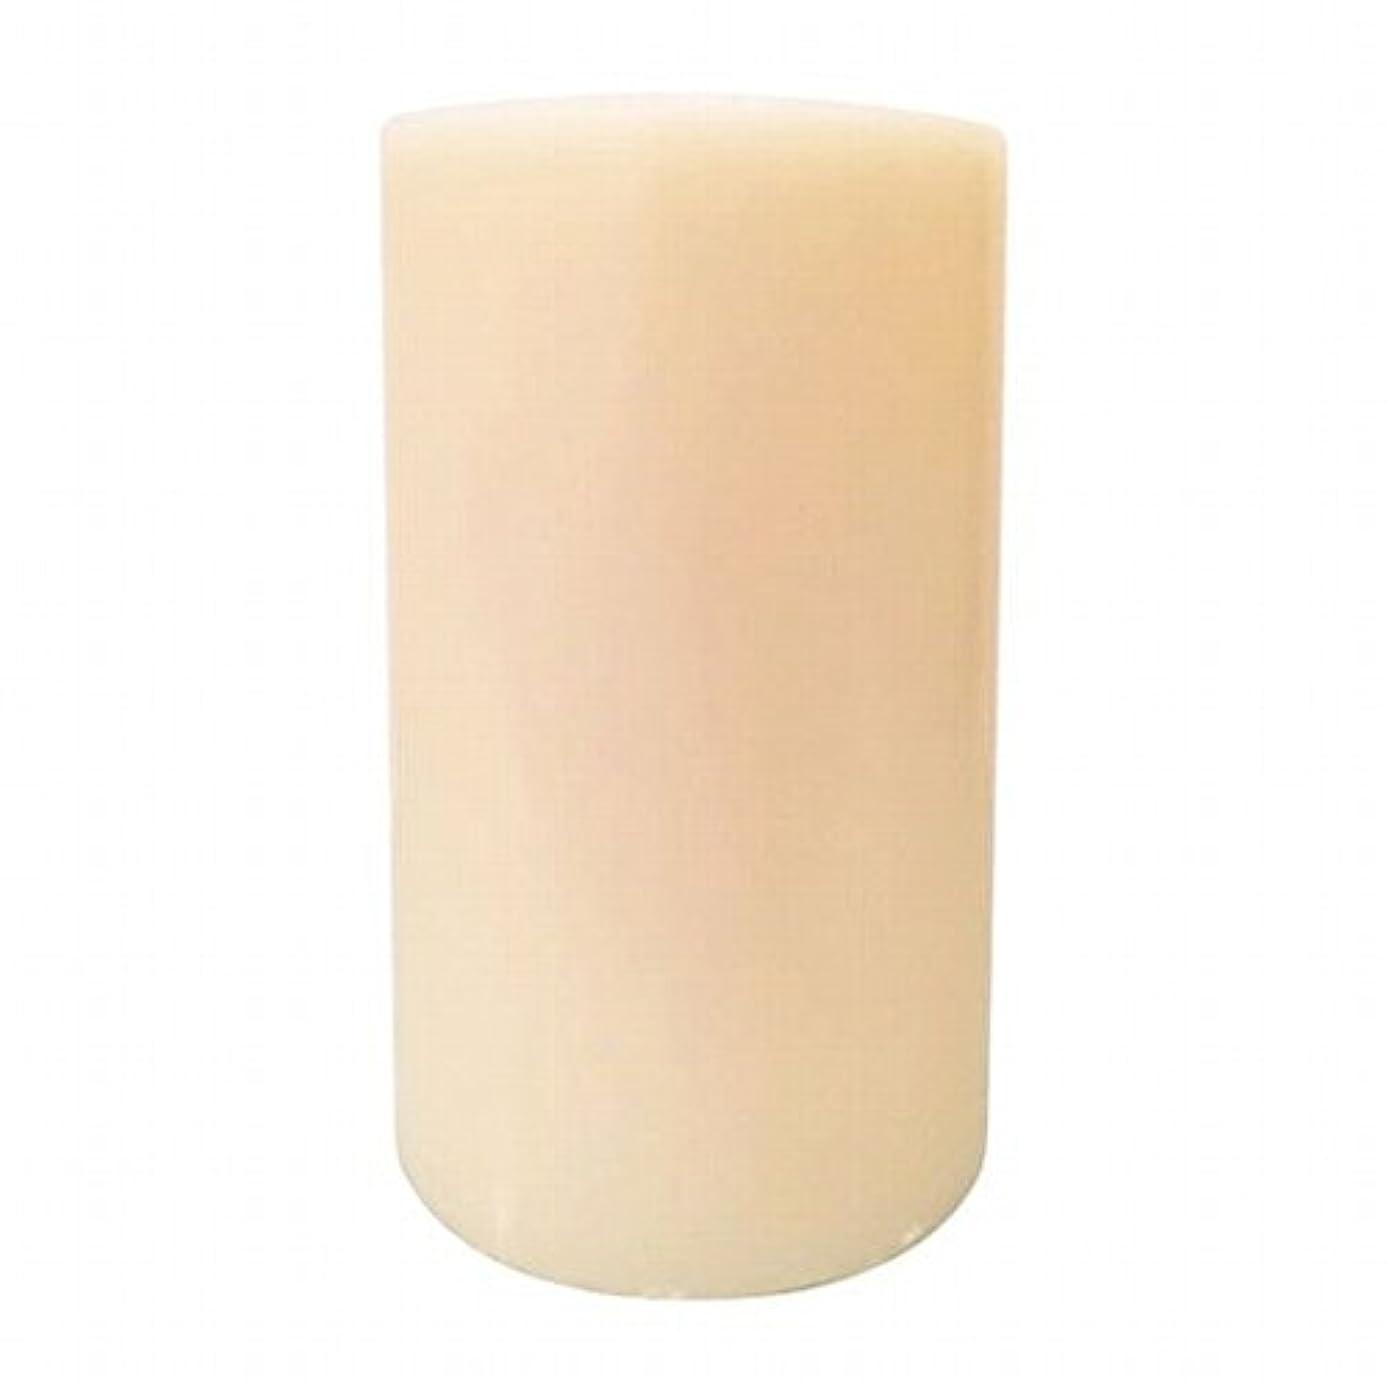 宝石筋肉のキウイカメヤマキャンドル( kameyama candle ) LUMINARA(ルミナラ)グランディオピラー S ピラーホルダー